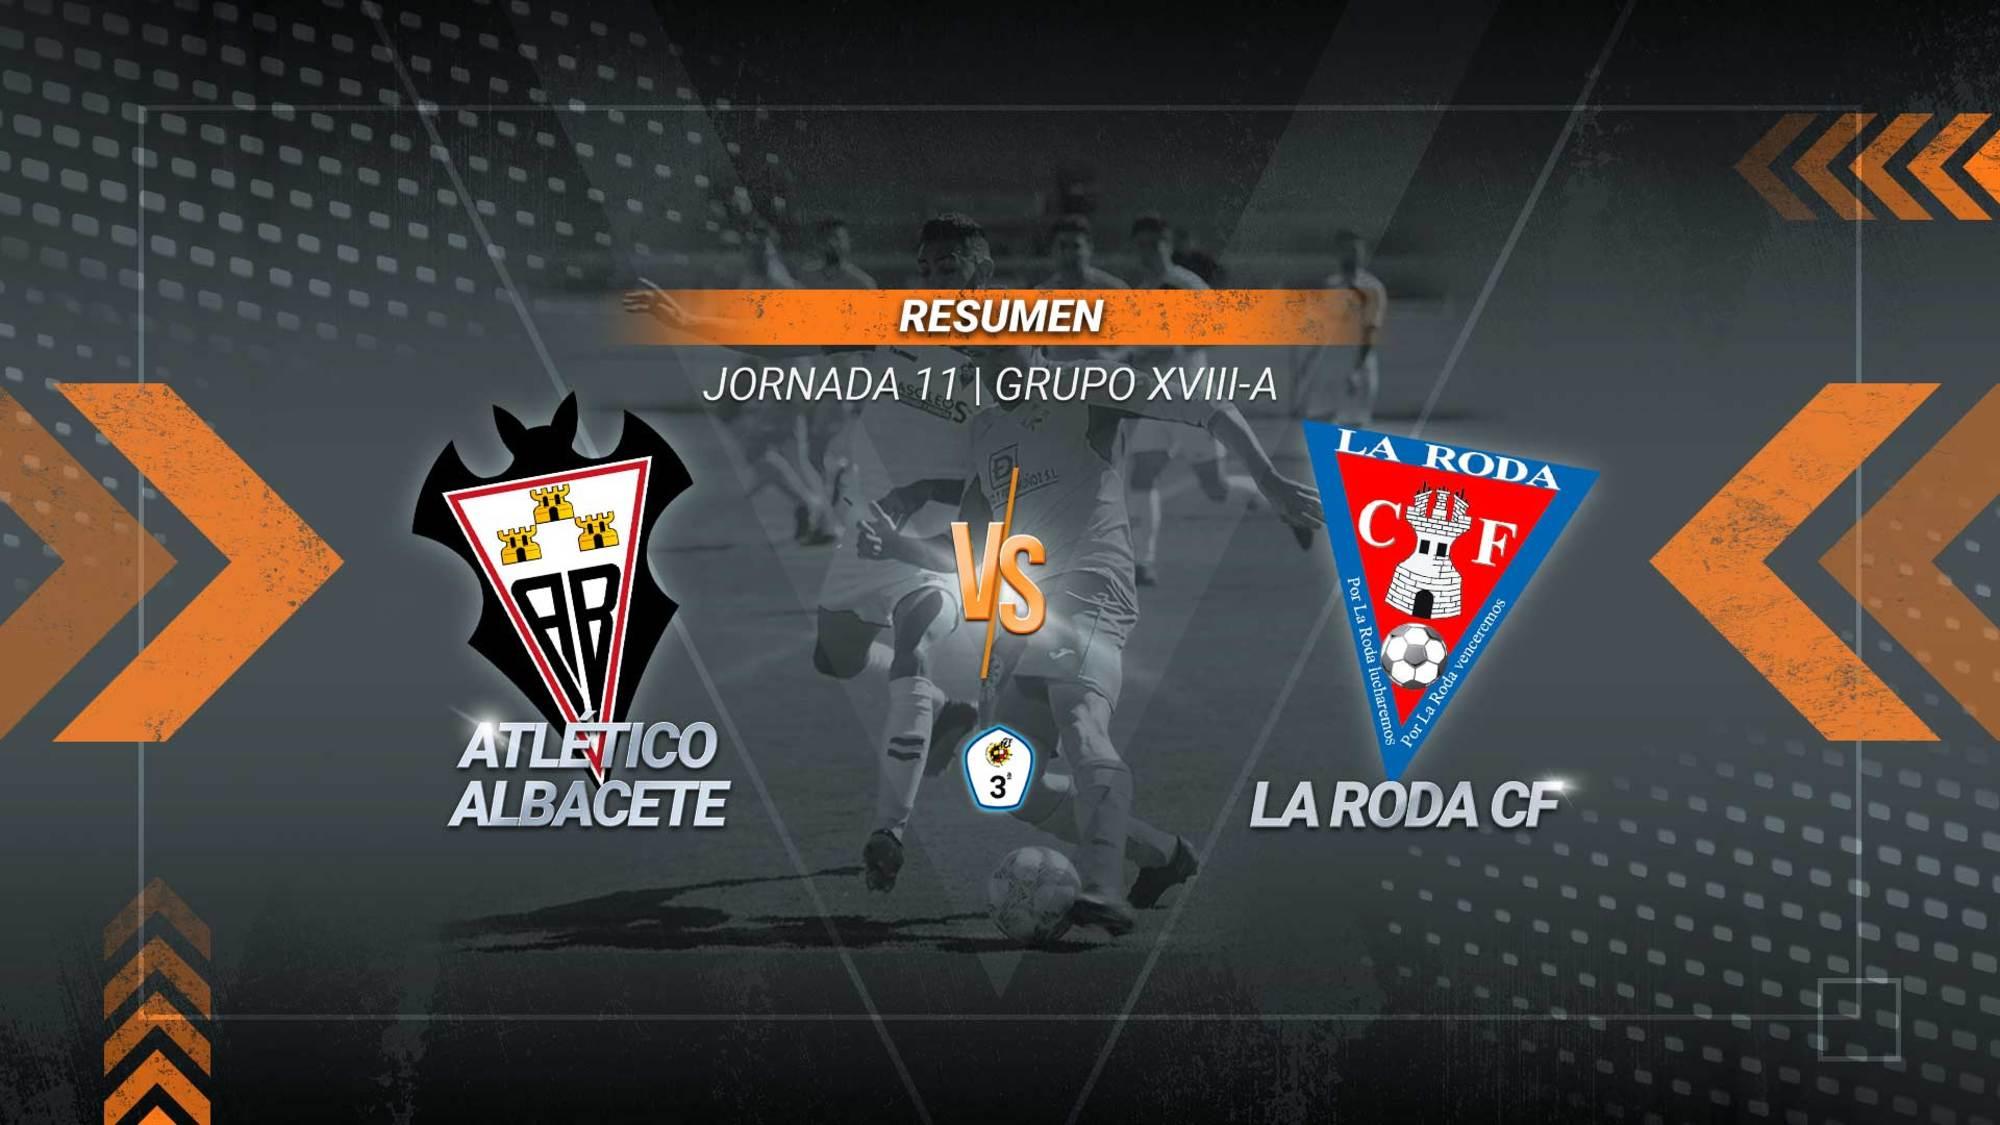 Un gol de Toni Cuenca en la segunda parte devuelve el liderato al filial albaceteño. La Roda, que jugaba su primer partido de 2021, se queda en el tercer puesto de la clasificación.